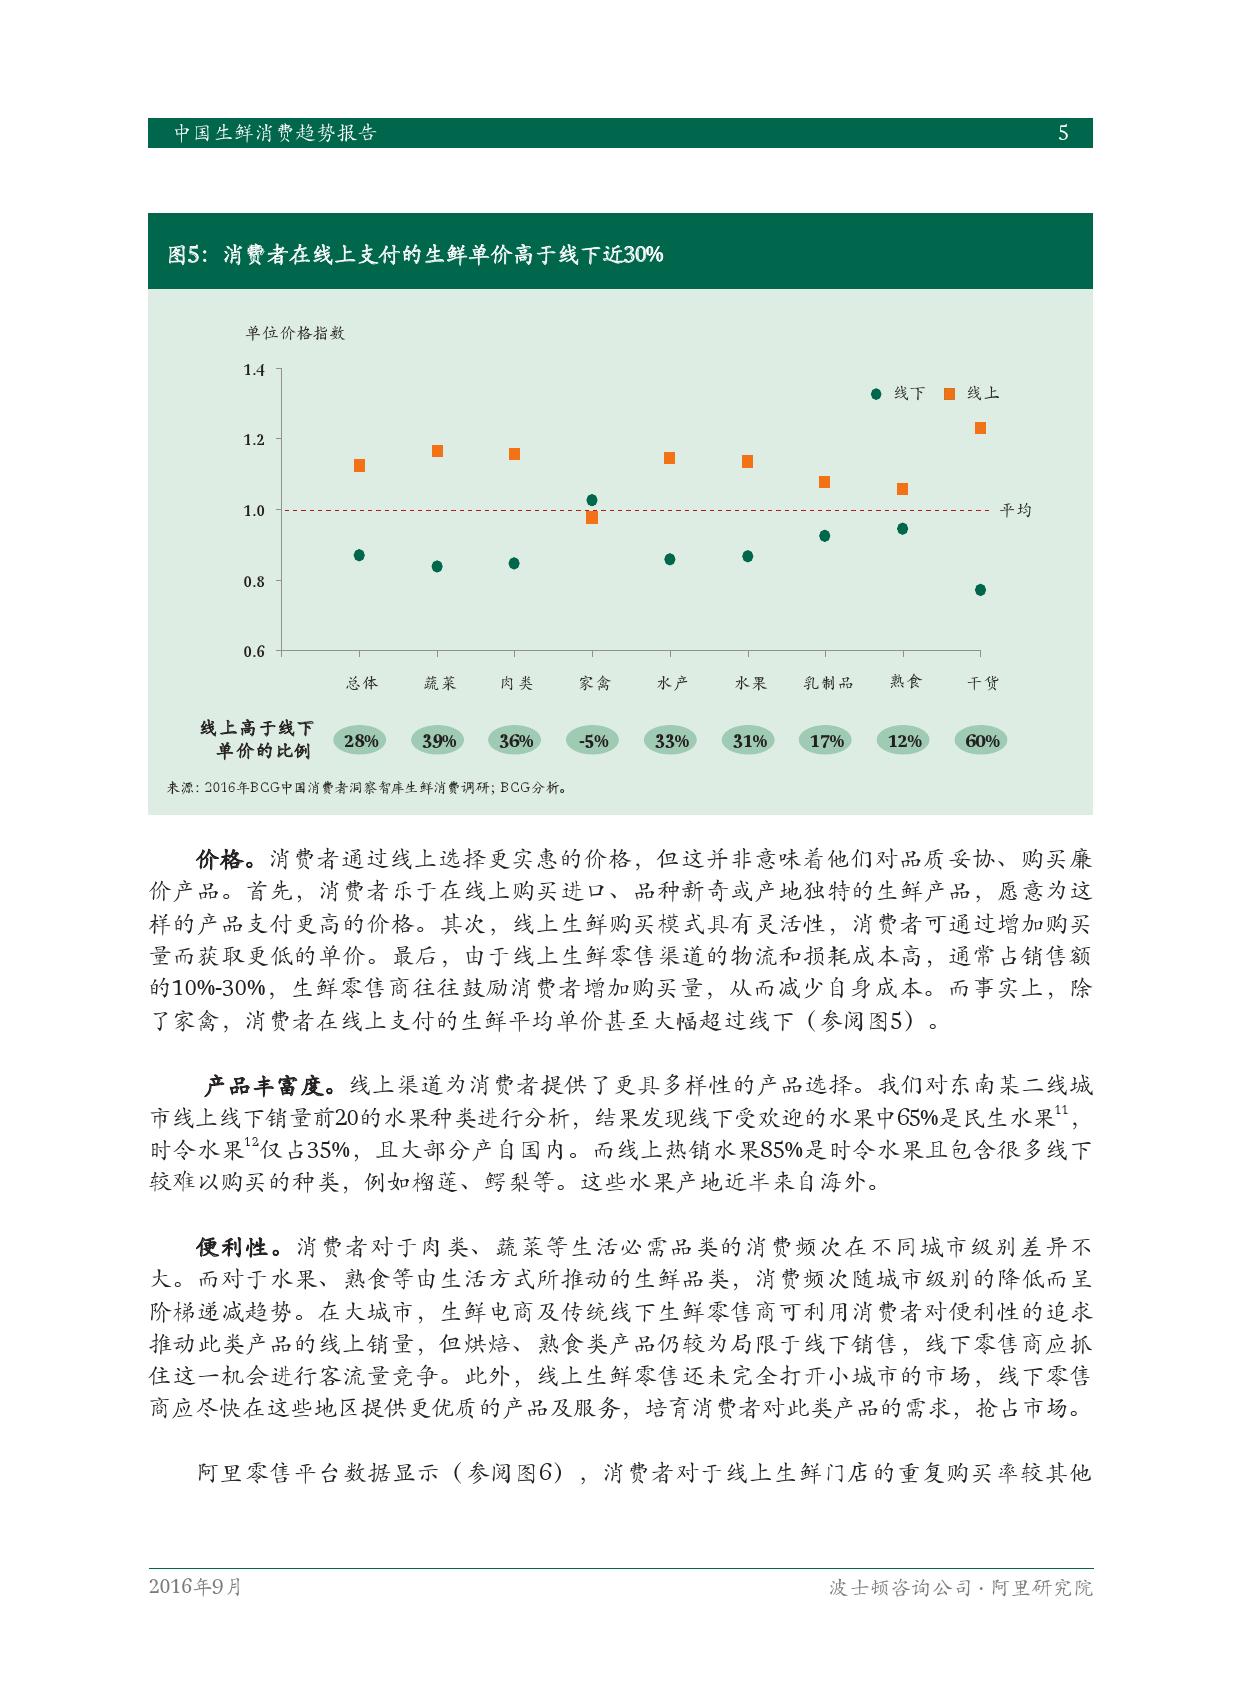 2016年中国生鲜消费趋势报告_000007